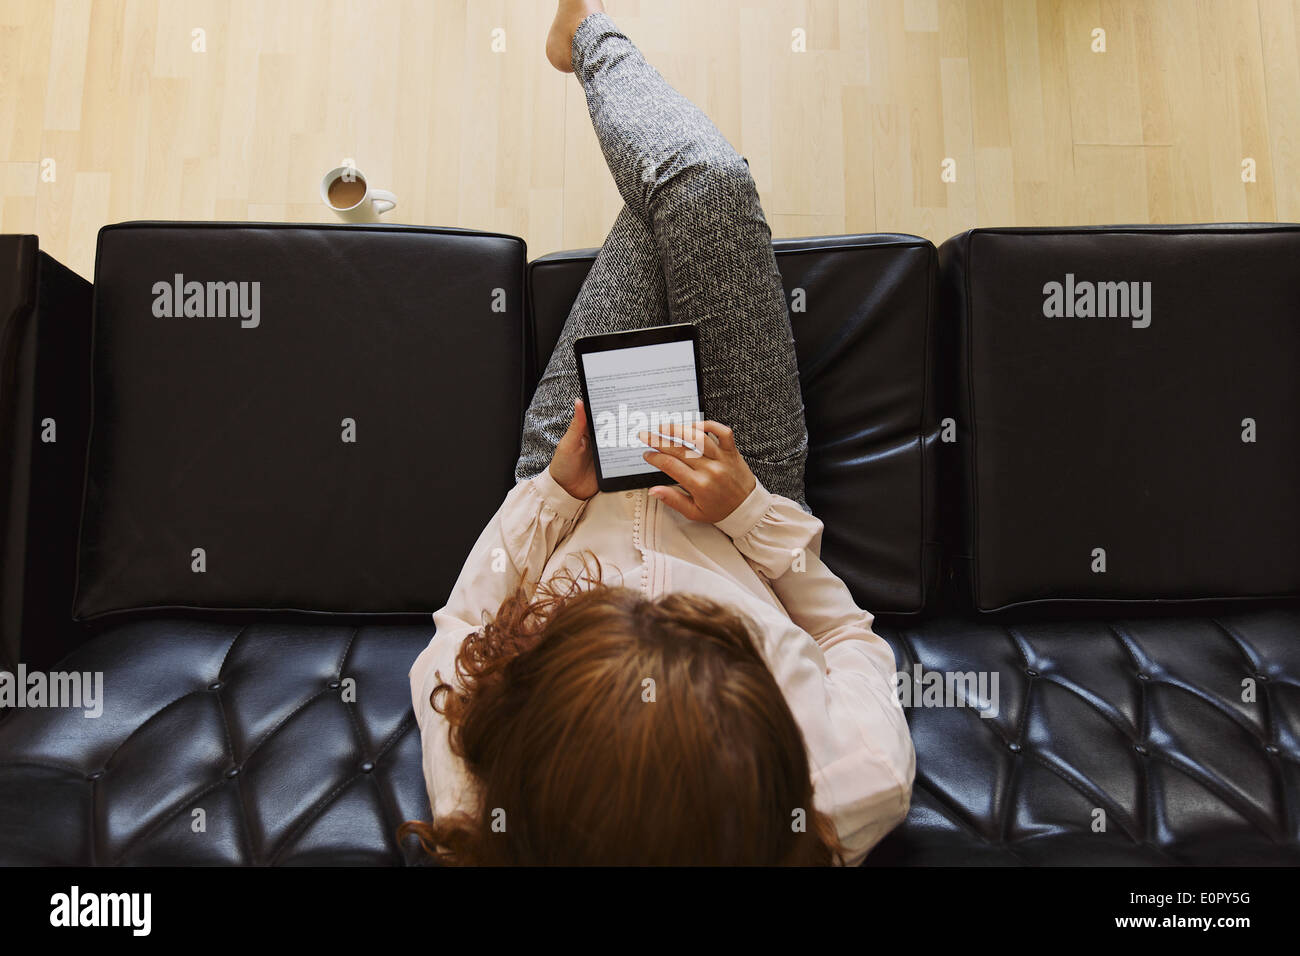 Vista superiore del giovane brunette con tavoletta digitale mentre è seduto su un divano. Femmina la lettura di un libro Immagini Stock